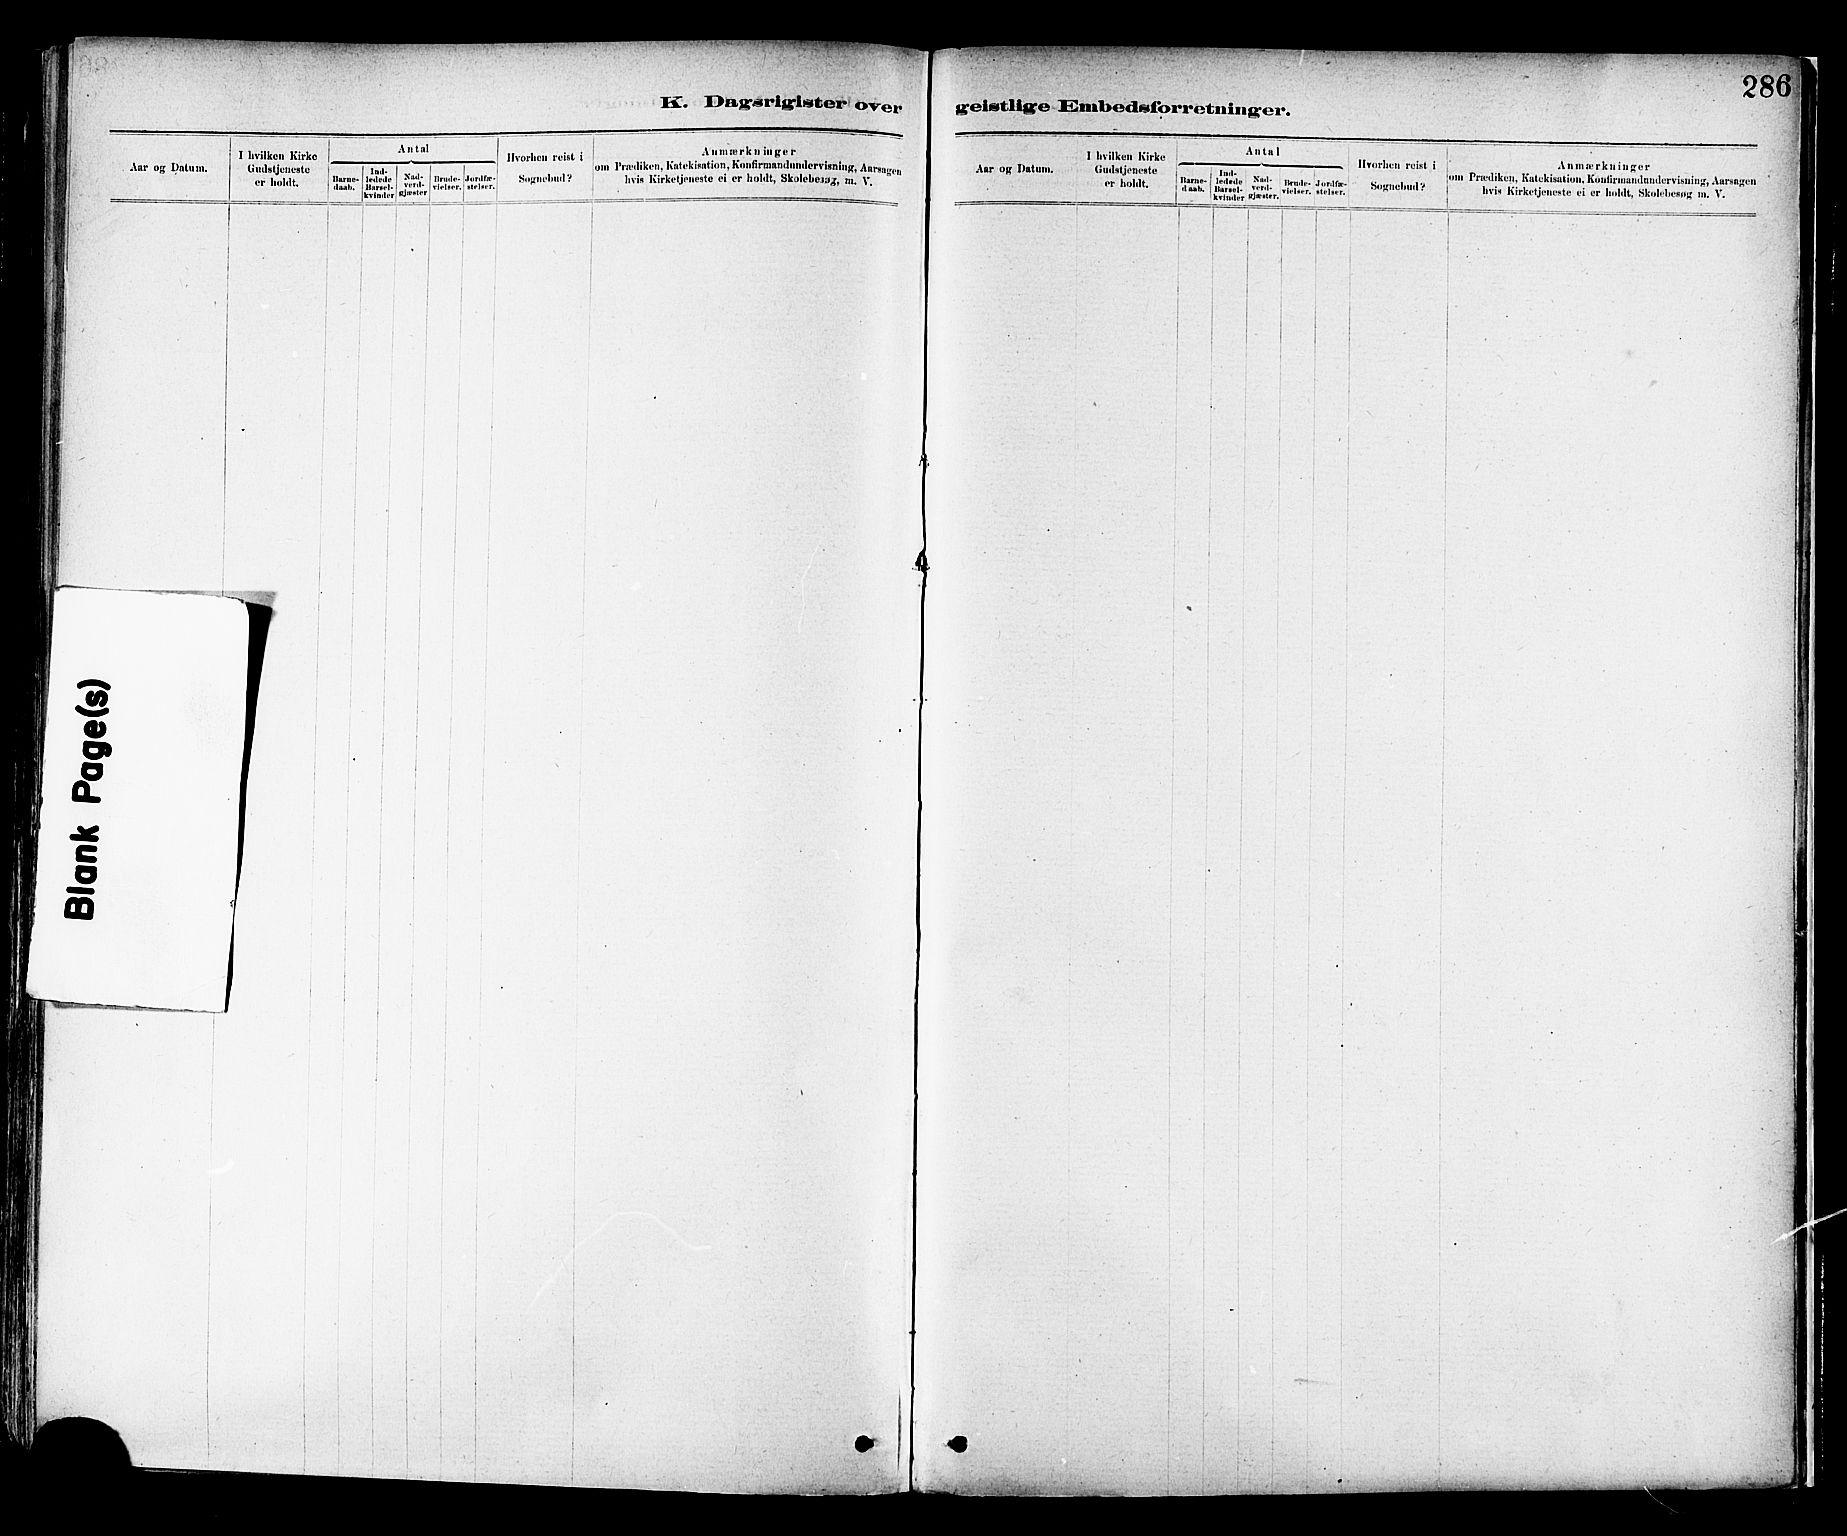 SAT, Ministerialprotokoller, klokkerbøker og fødselsregistre - Nord-Trøndelag, 713/L0120: Ministerialbok nr. 713A09, 1878-1887, s. 286